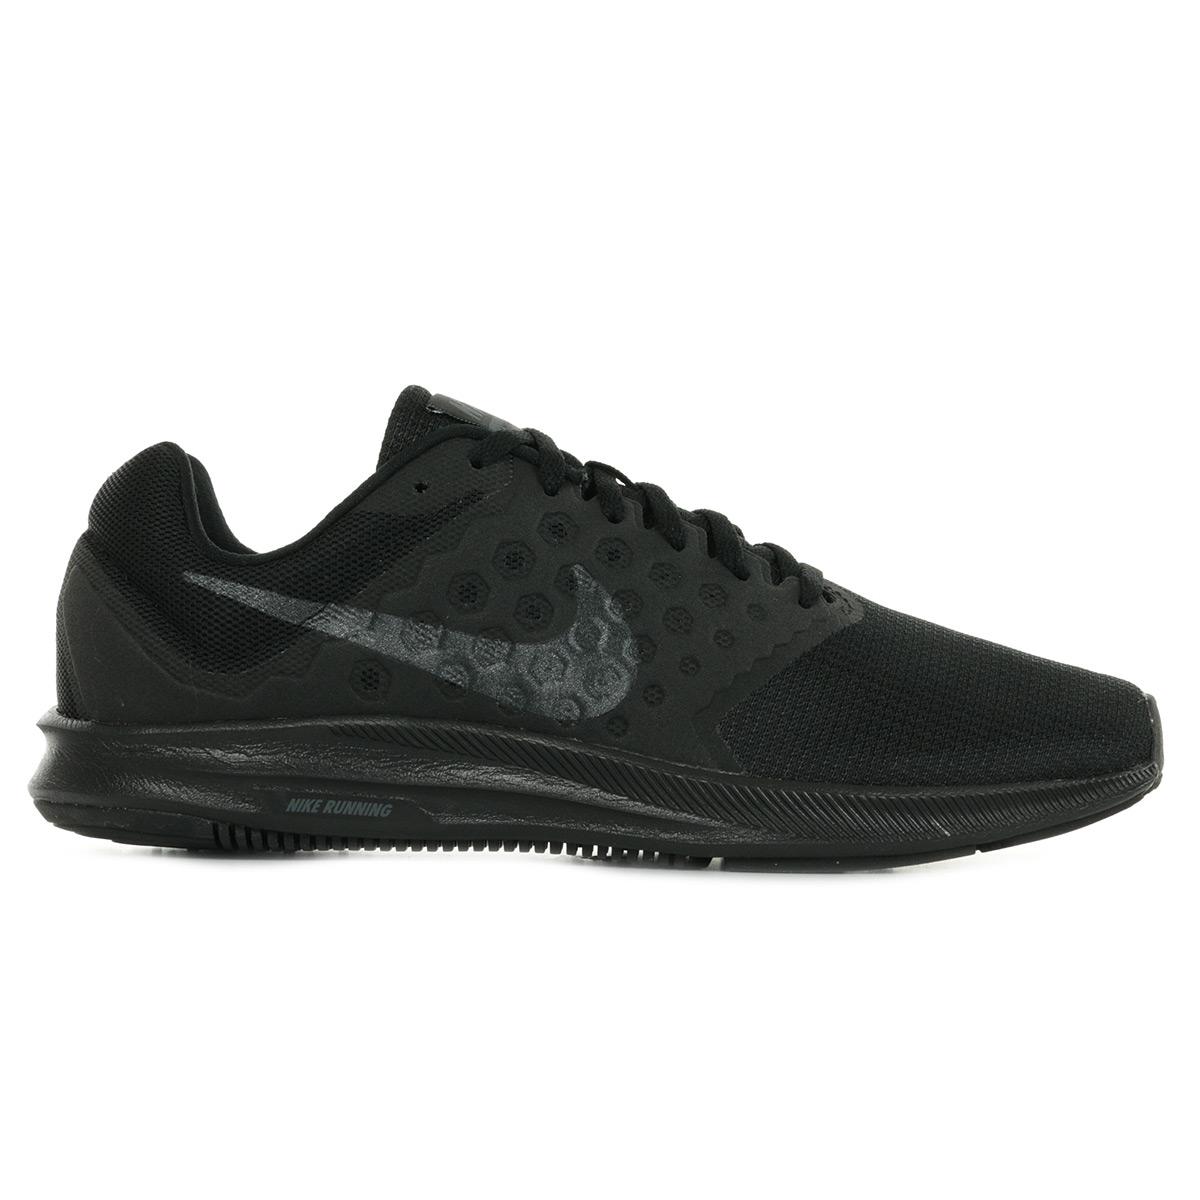 Détails sur Chaussures Baskets Nike homme Downshifter 7 taille Noir Noire Synthétique